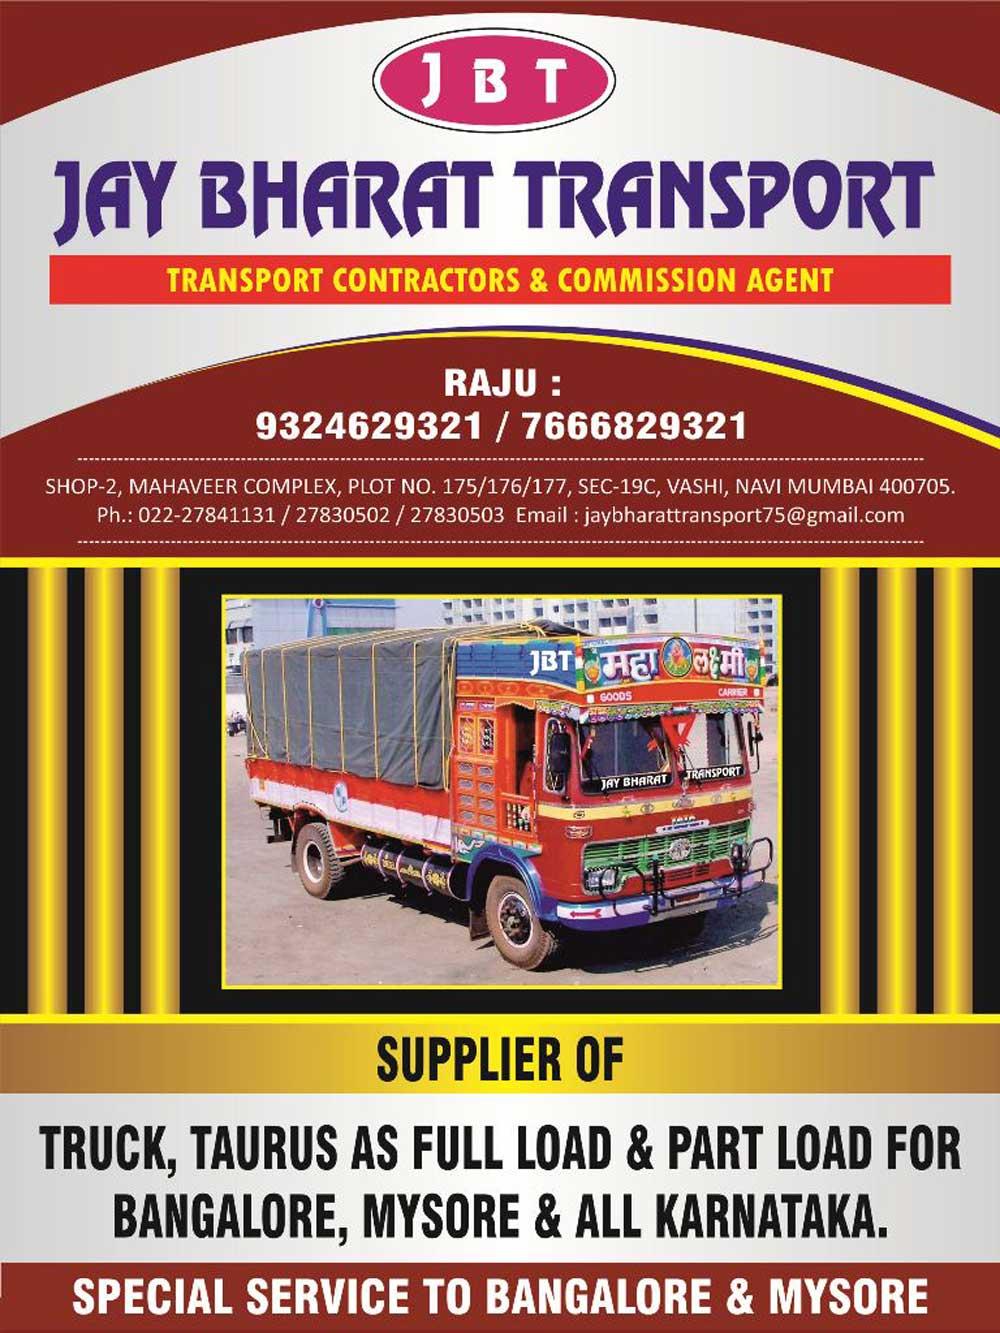 Jay Bharat Transport